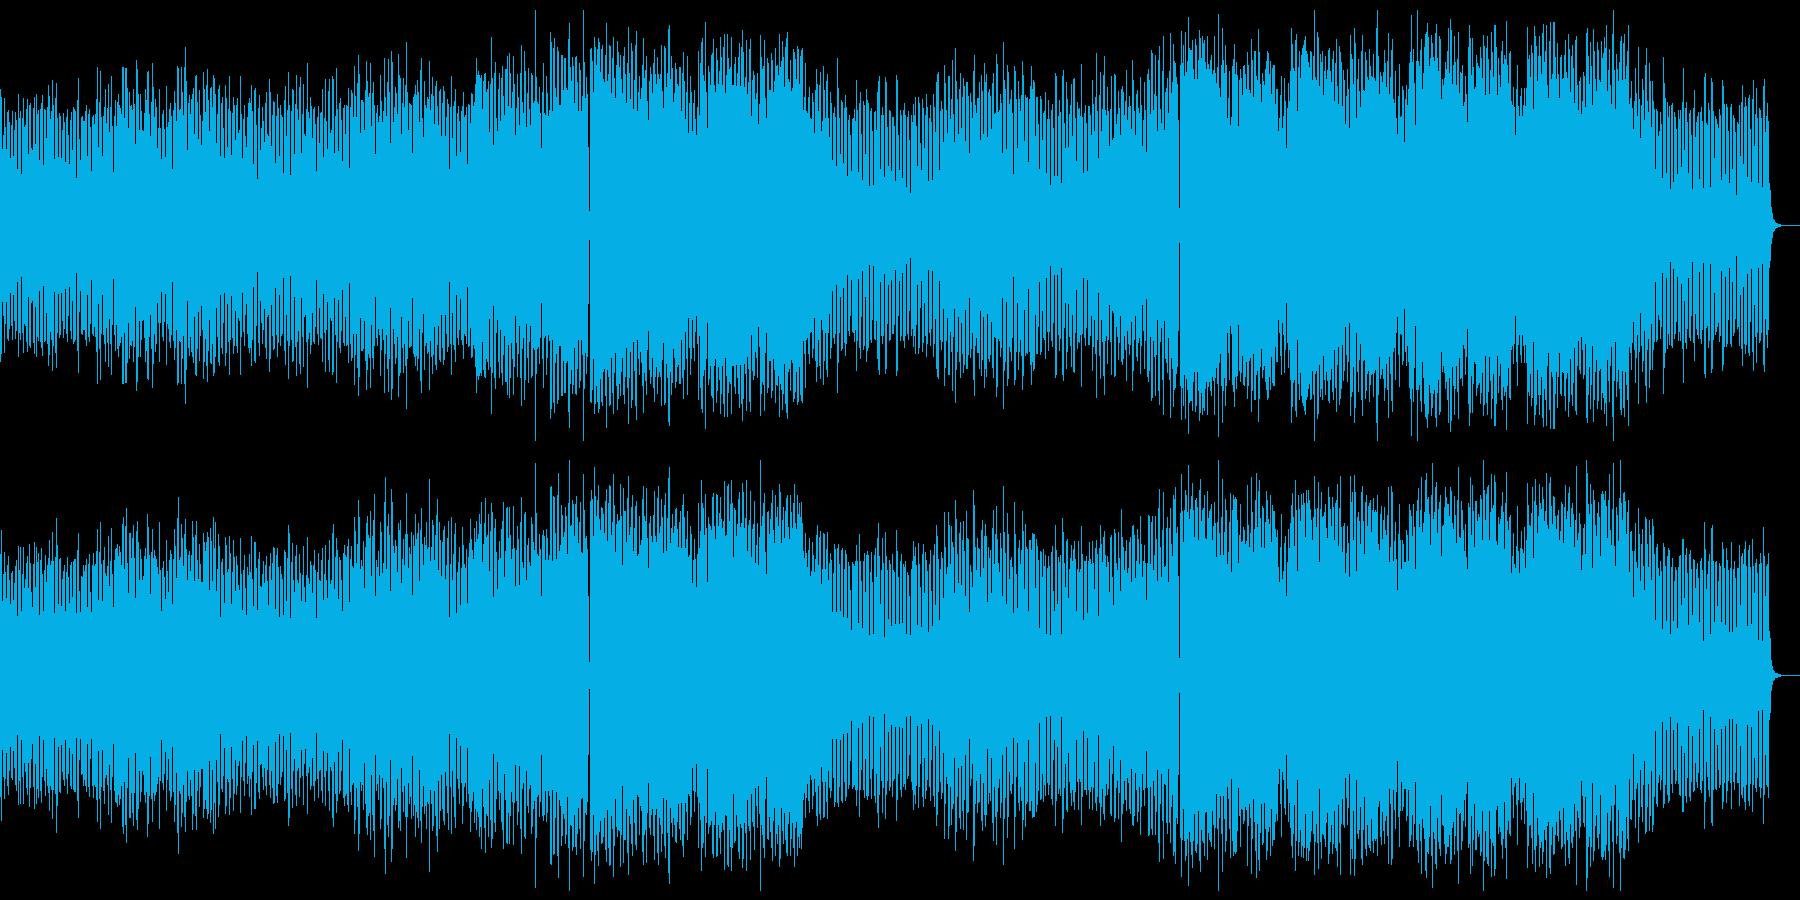 バトル系アニメやゲーム映画OPに☆EDMの再生済みの波形